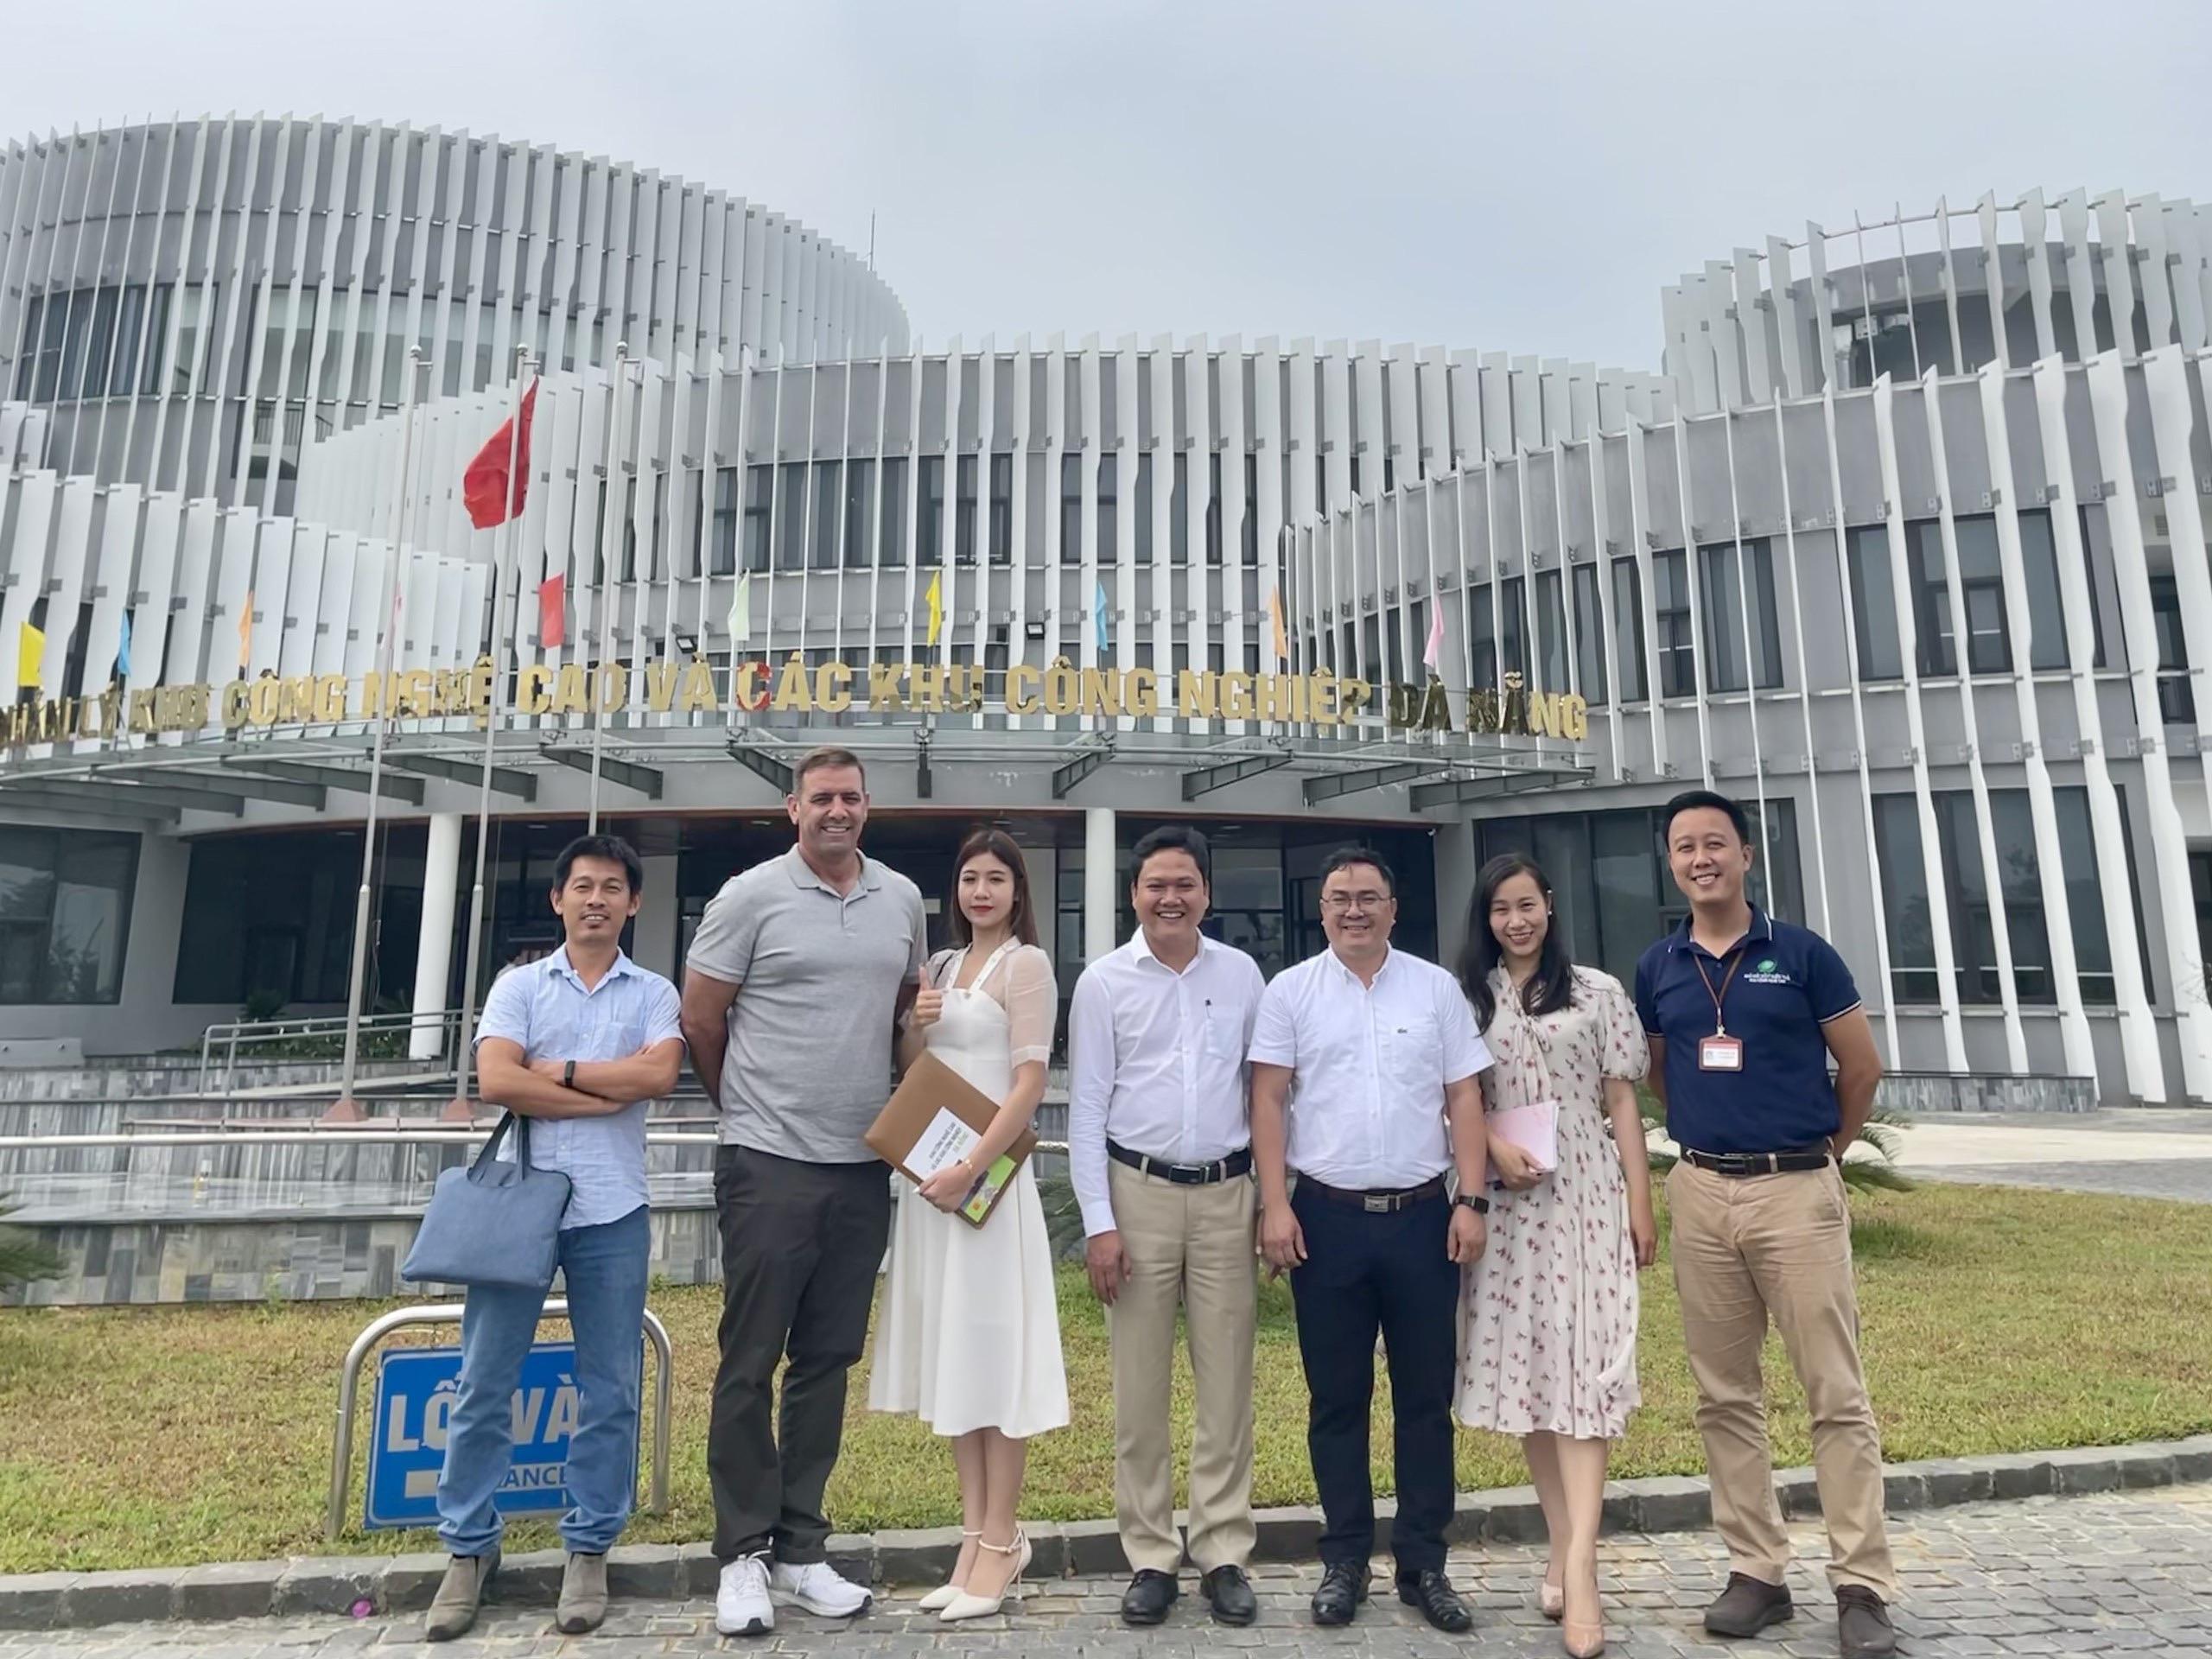 Lãnh đạo XIXO làm việc với Khu CNC Đà Nẵng trong khuôn khổ hợp tác xúc tiến đầu tư và số hoá cho Khu CNC Đà Nẵng